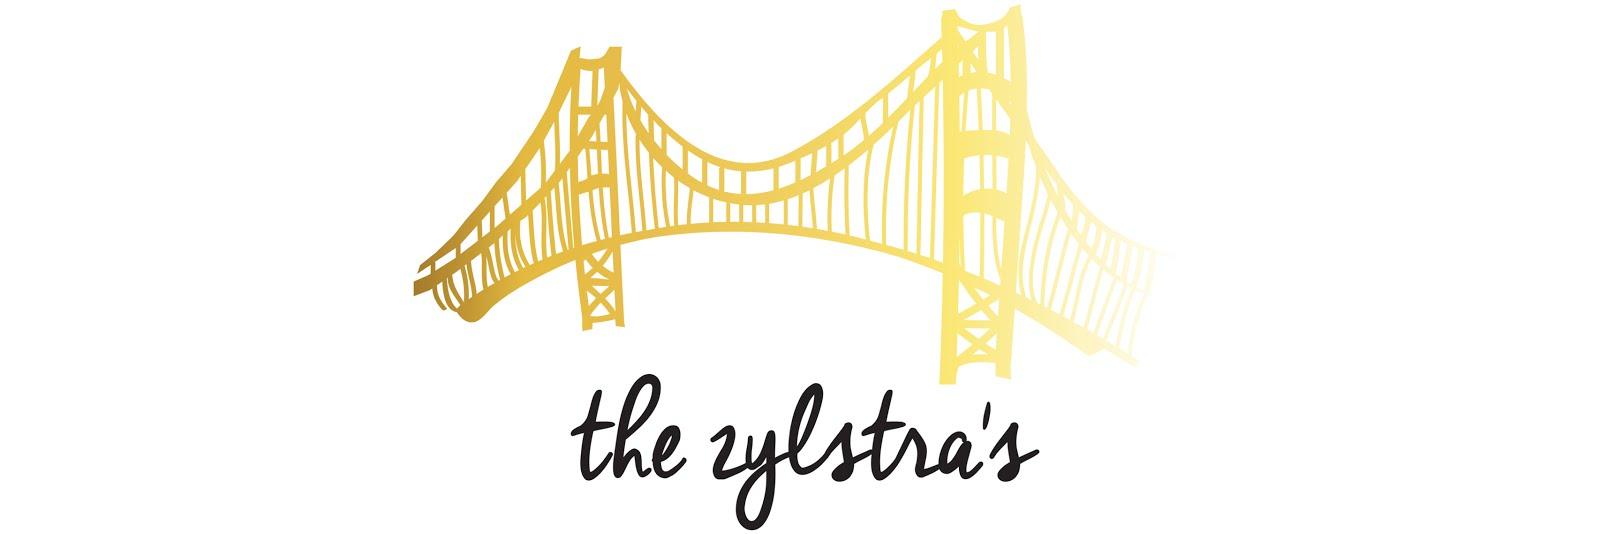 The Zylstra's